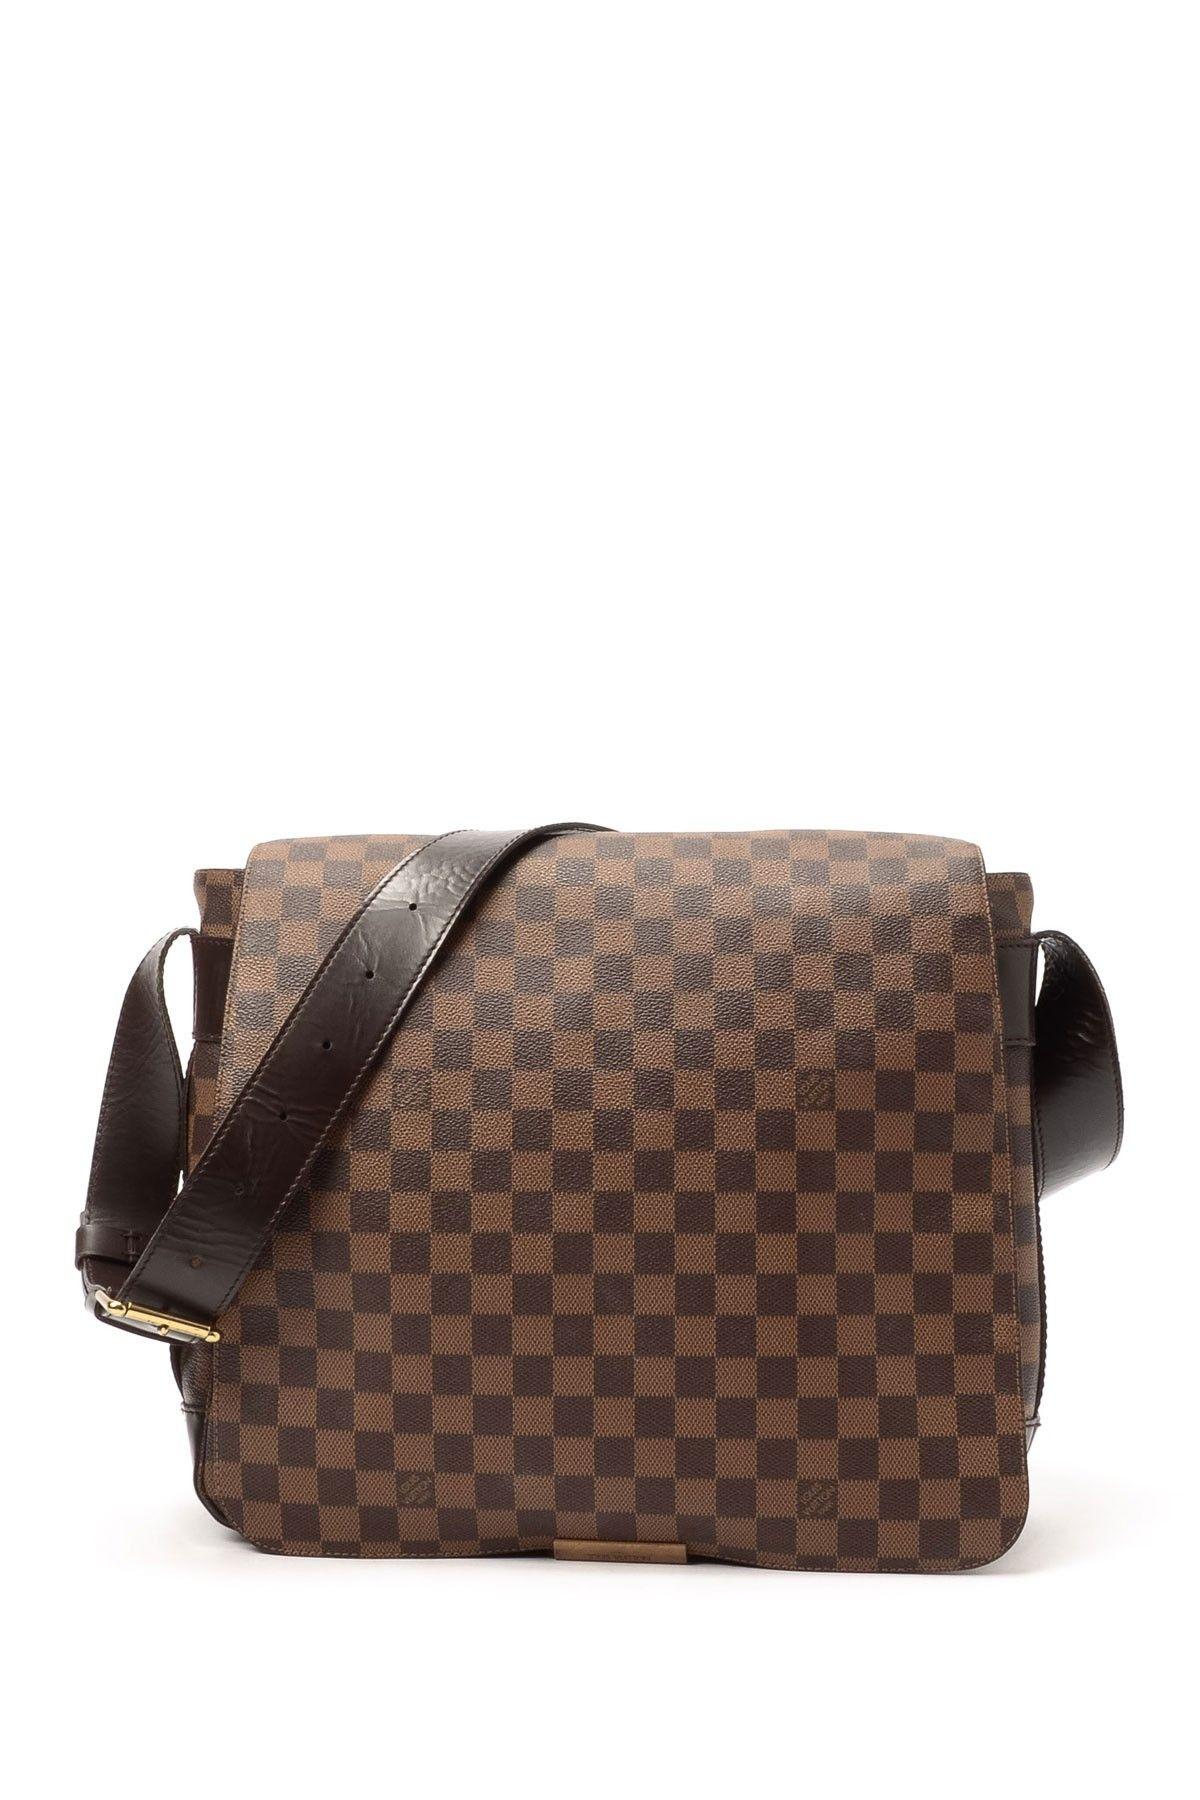 7268d4eb8ac4 Vintage Louis Vuitton Leather Bastille Messenger Bag